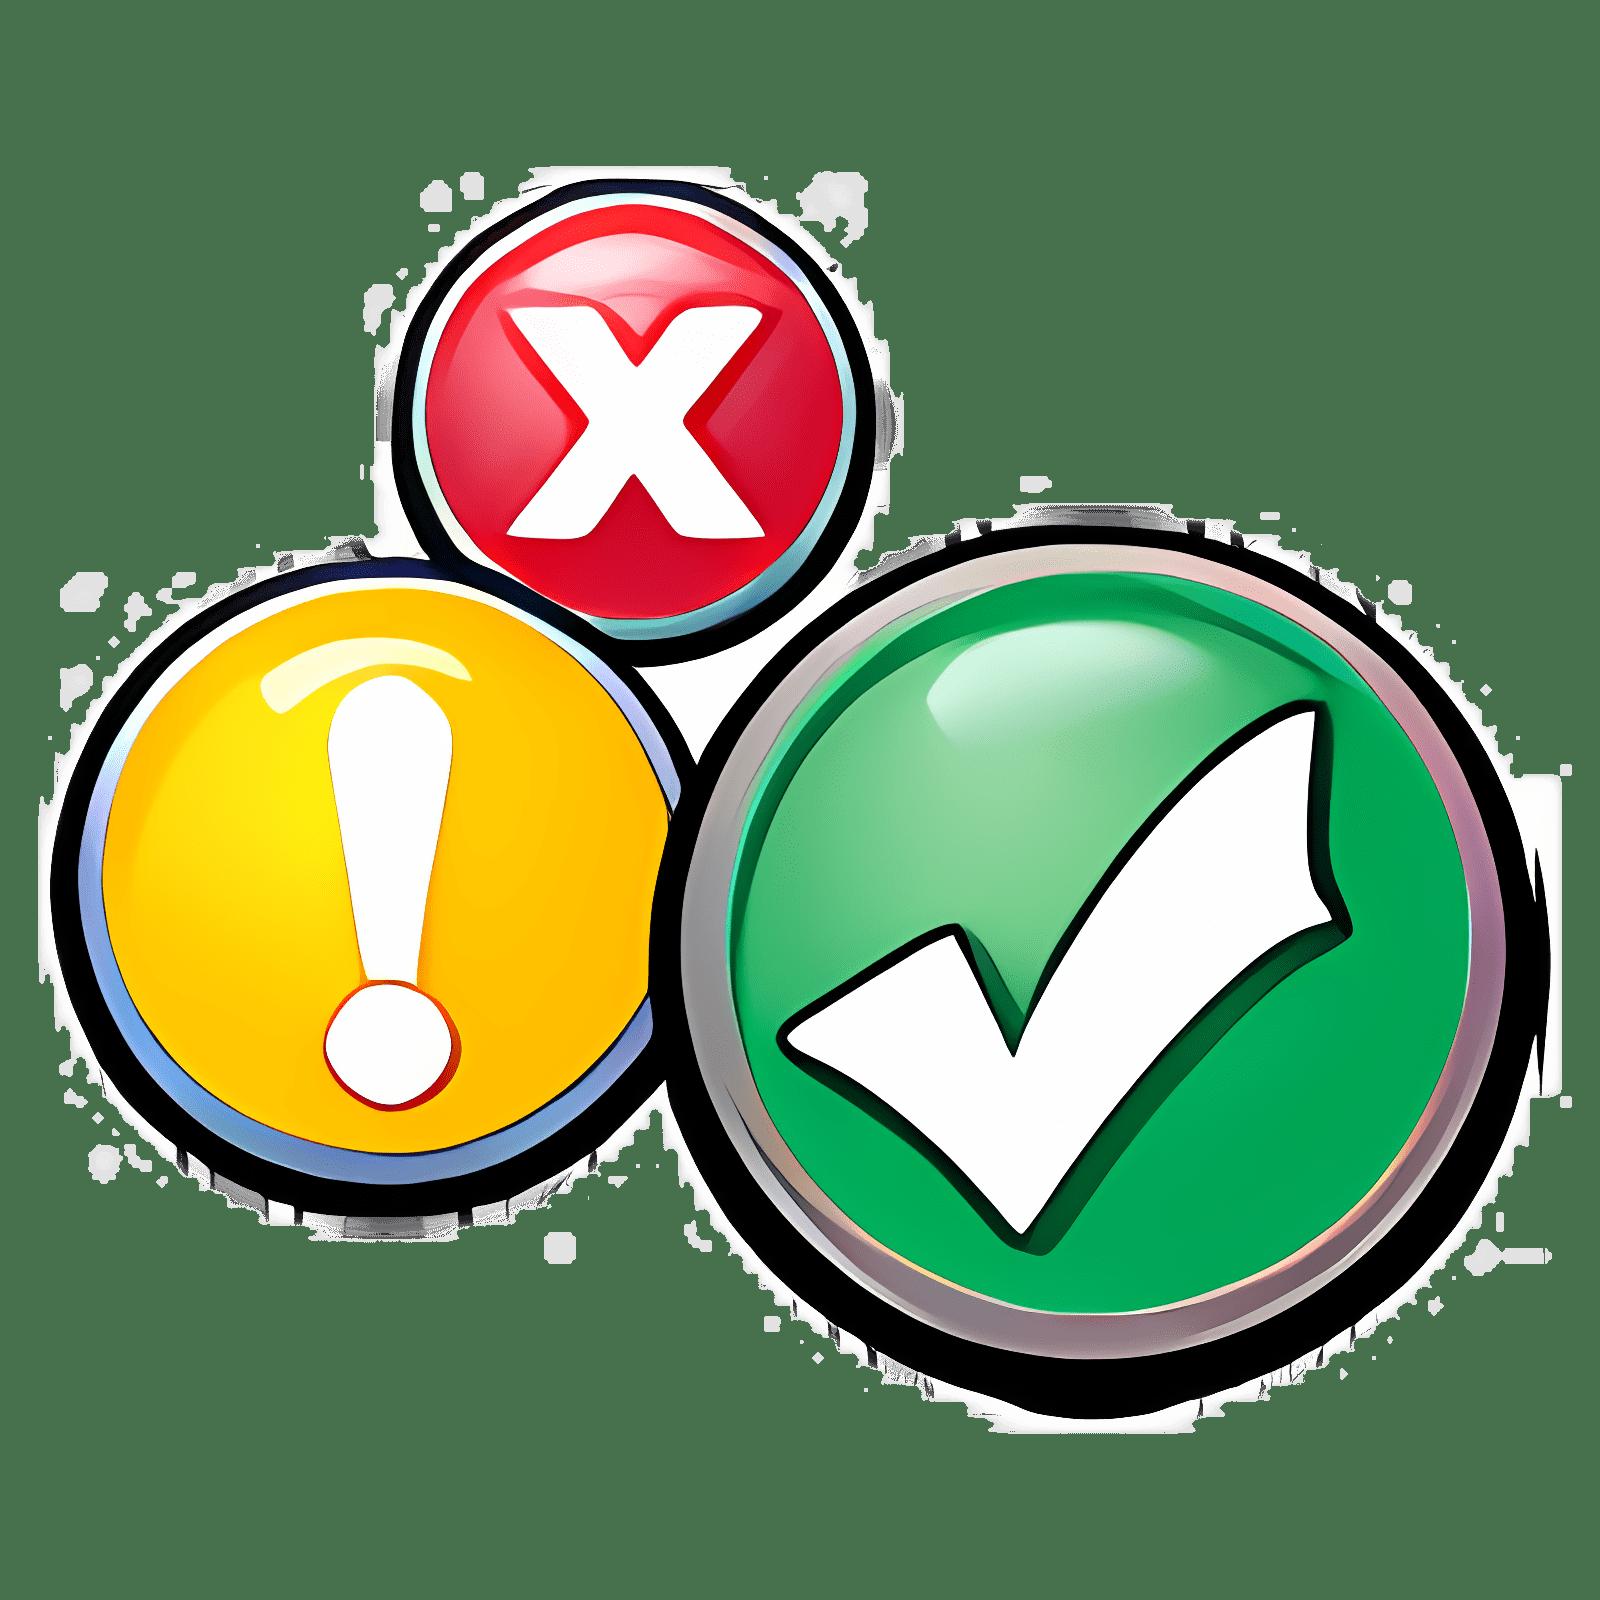 McAfee SiteAdvisor